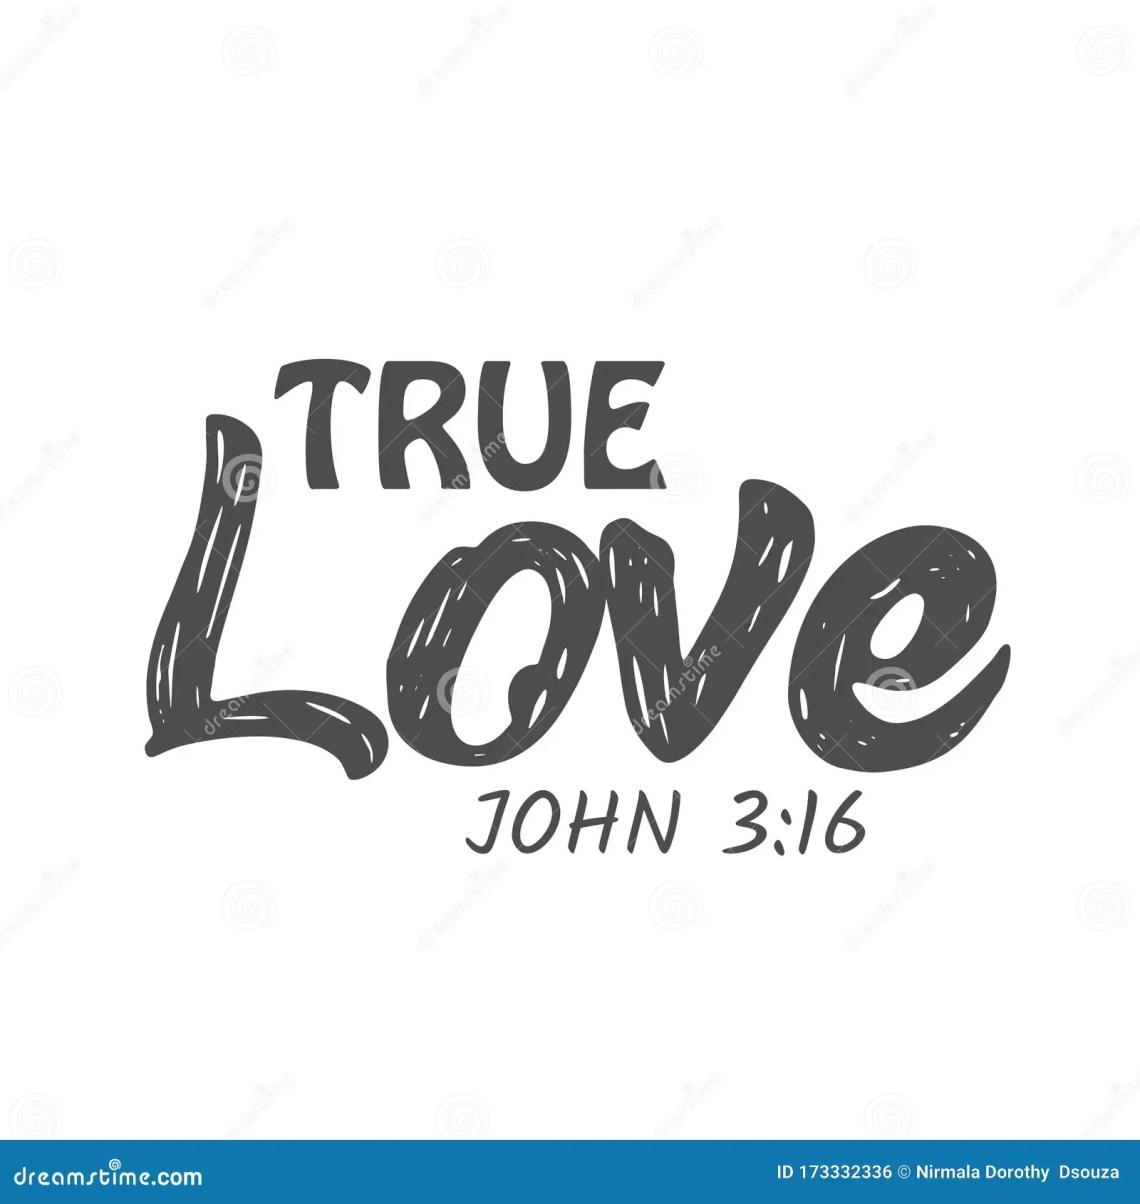 Download Jesus Quote, True Love, John 3:16 Stock Vector ...